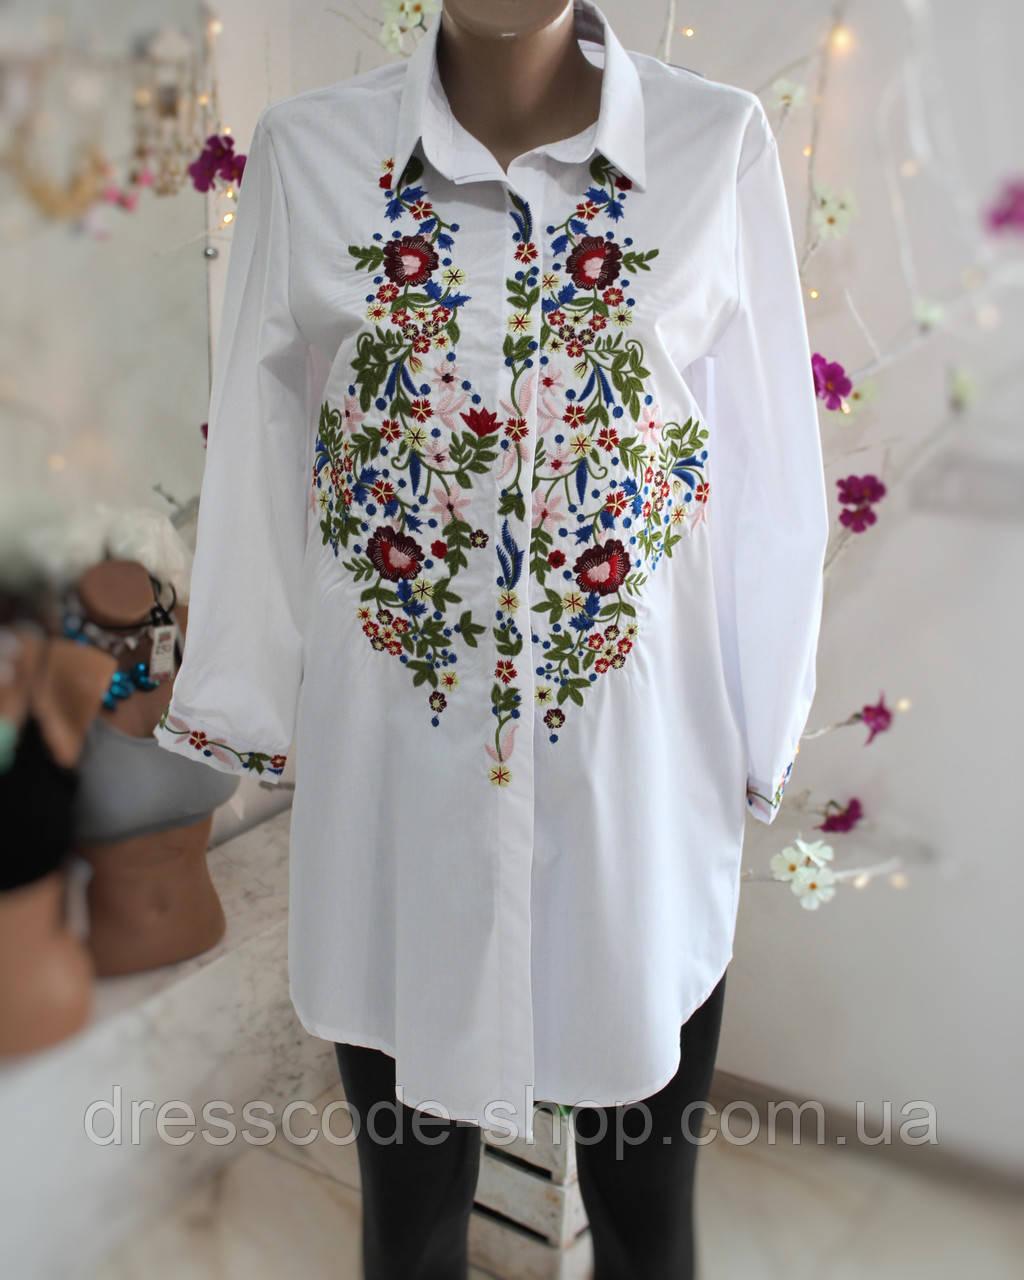 6f3a59d55ac Рубашка вышитая гладью удлиненная белая - Dresscode-shop в Житомирской  области